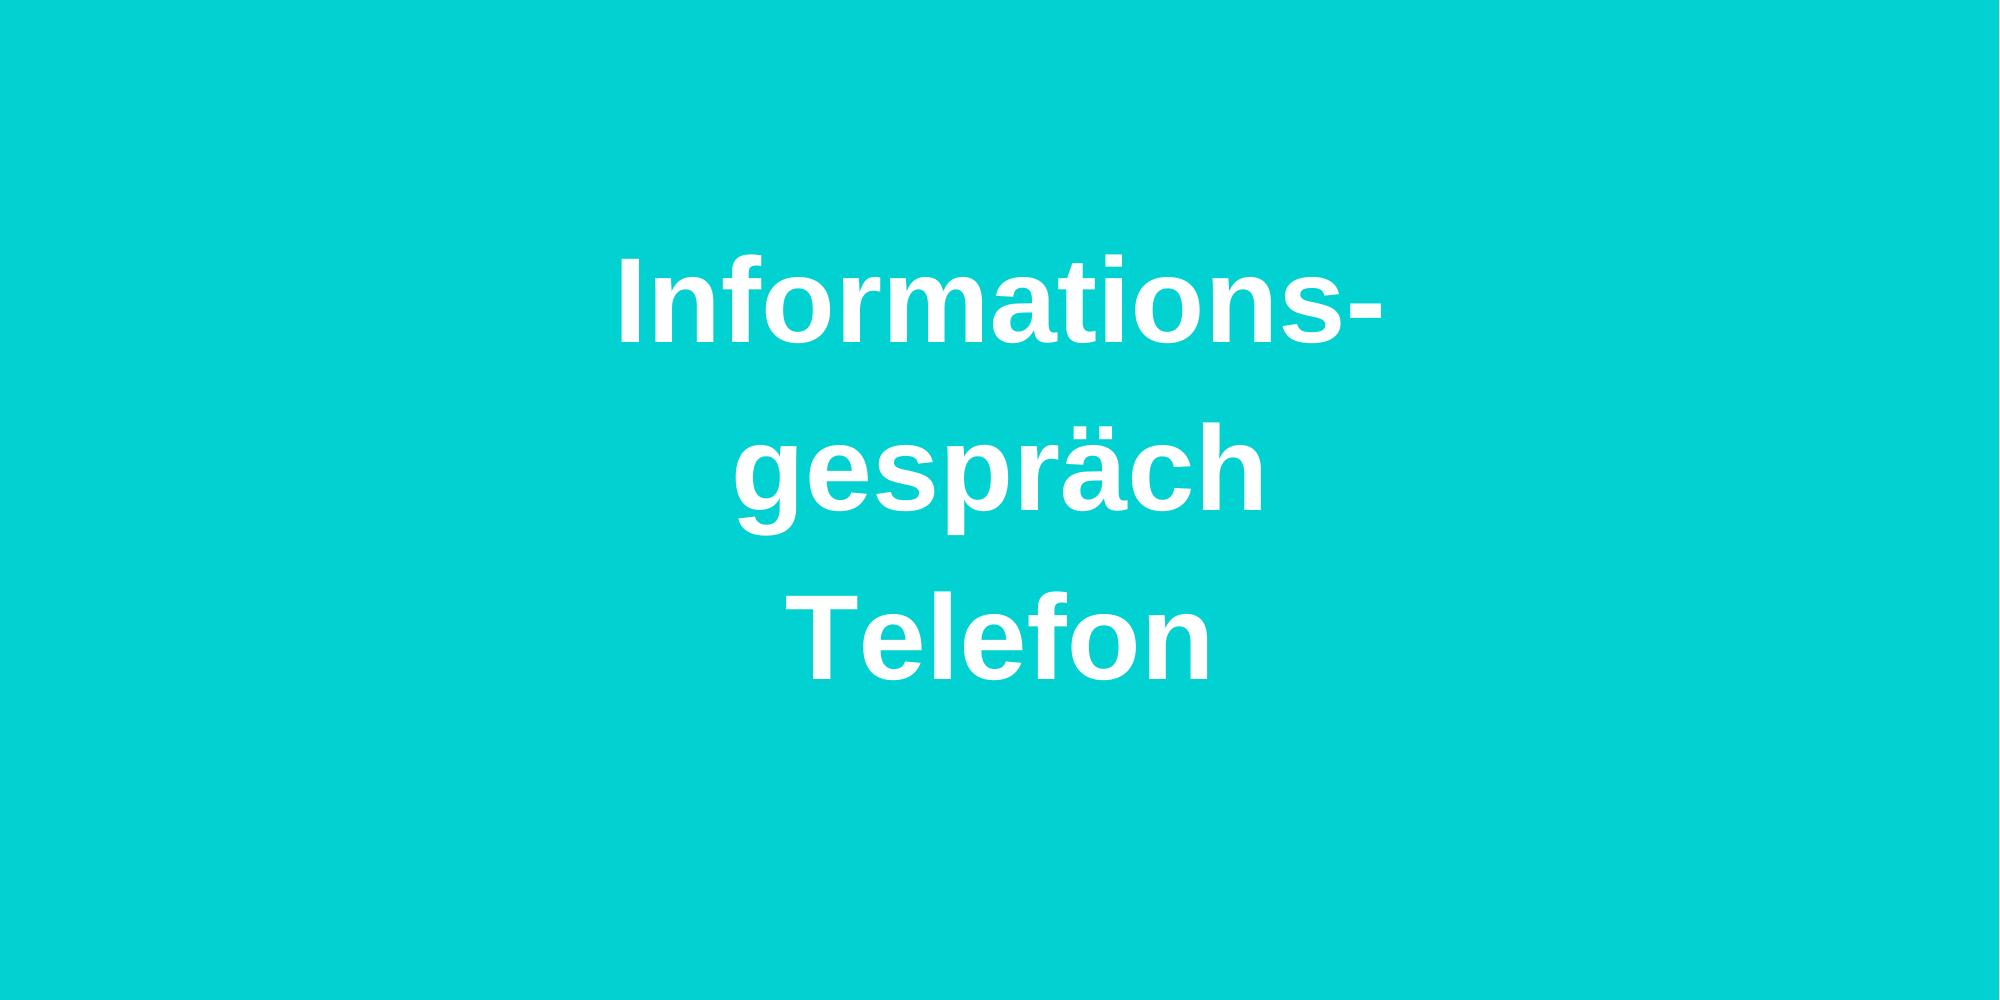 Informationsgespräch kostenlos - Telefon